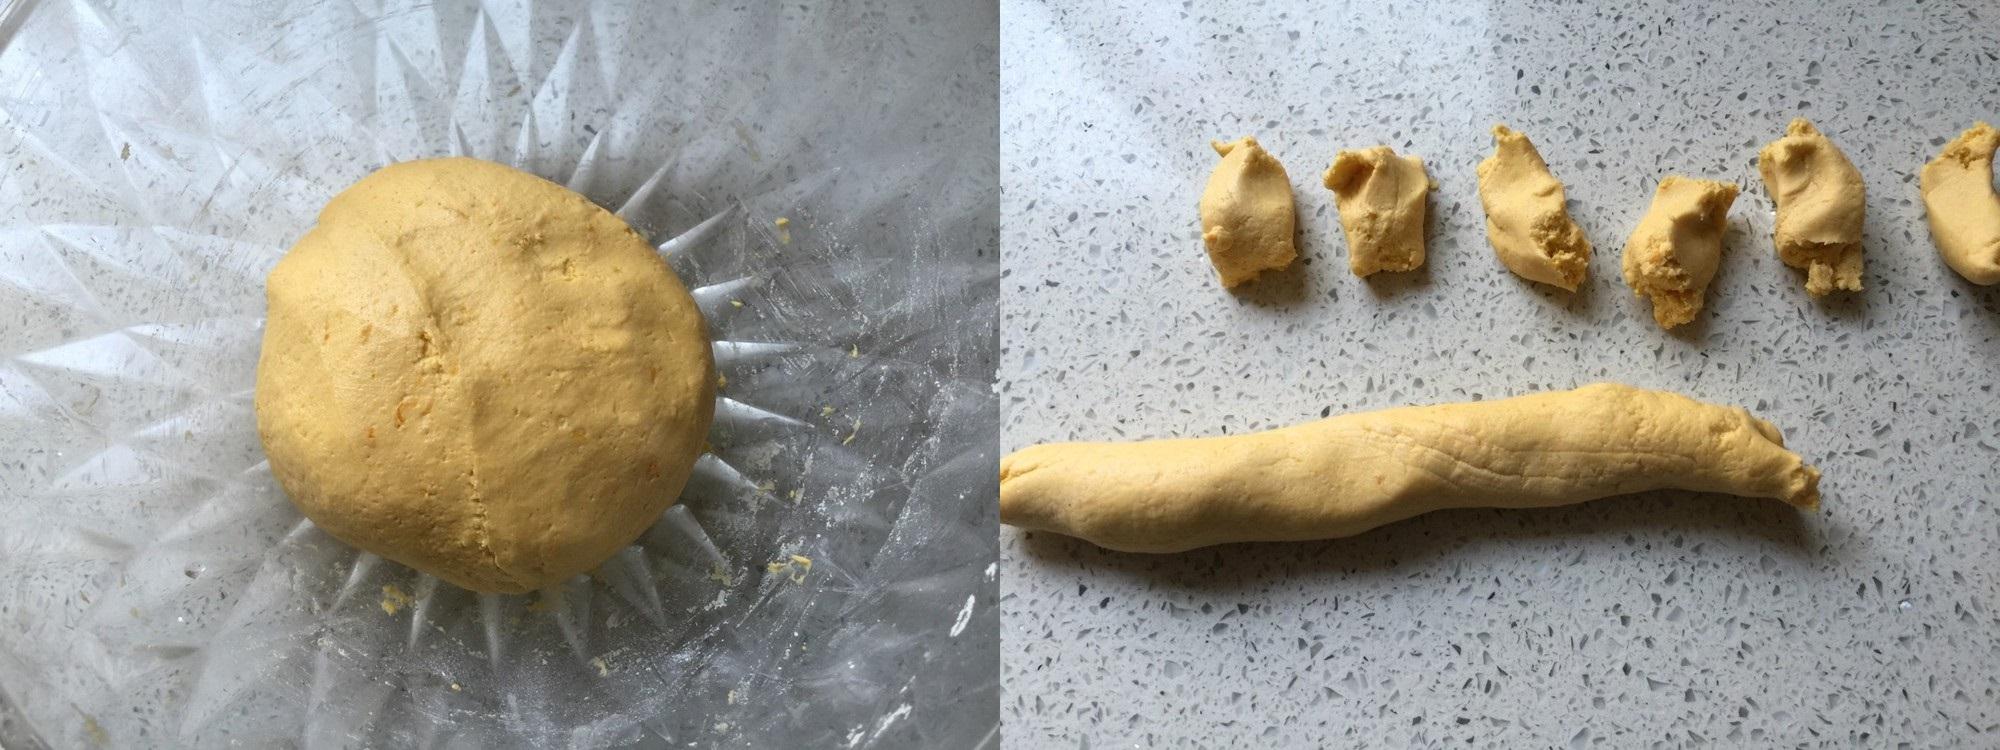 Con lười ăn rau củ, mẹ làm ngay món bánh rán này đảm bảo cải thiện tình hình ngay lập tức! - Ảnh 2